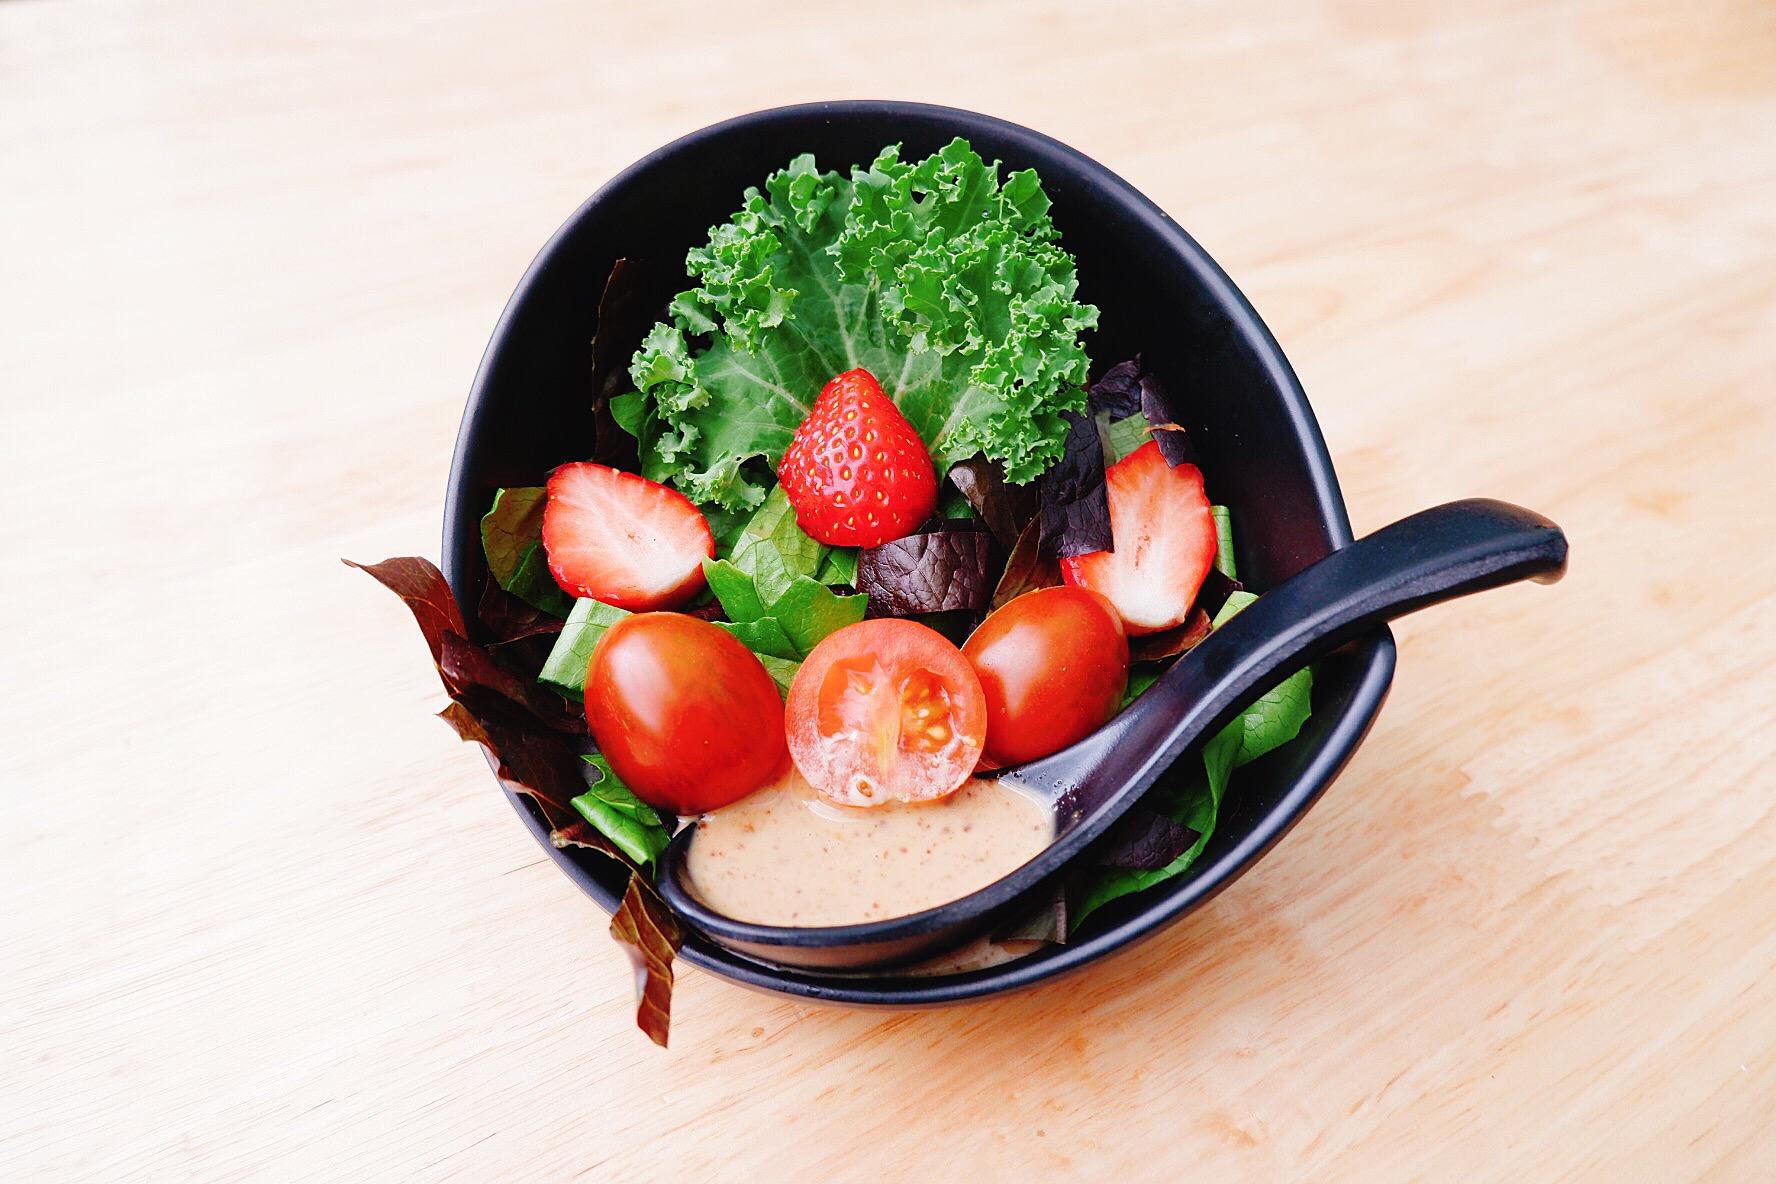 Salat rau, quả của nhà hàng Chimi được bày theo phong cách Nhật